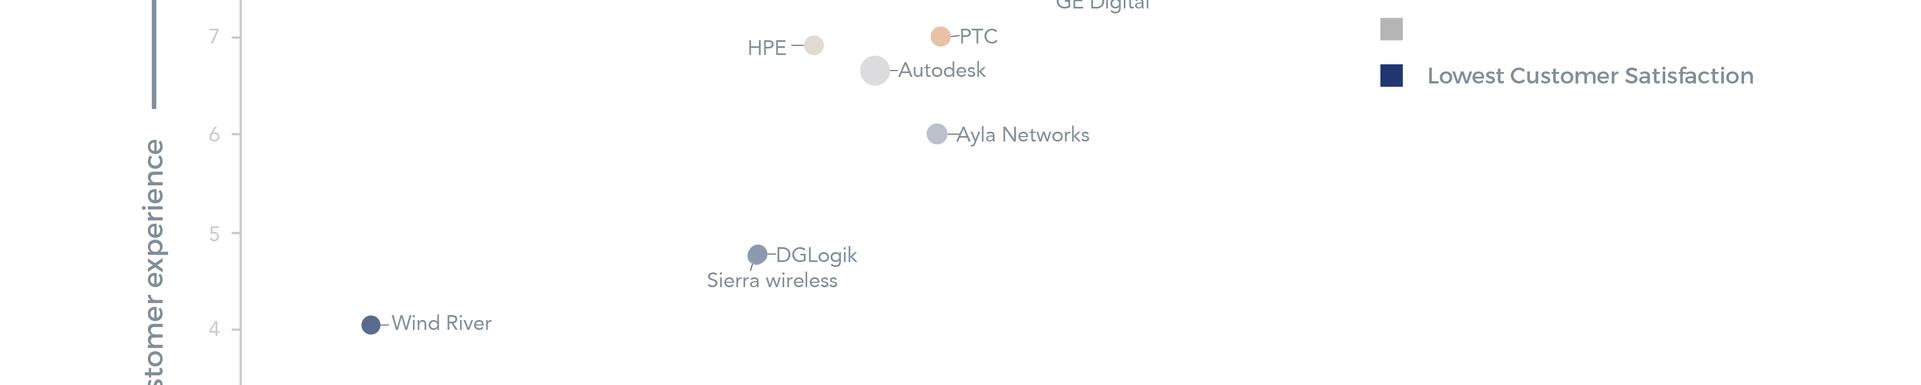 American IoT platform vendors